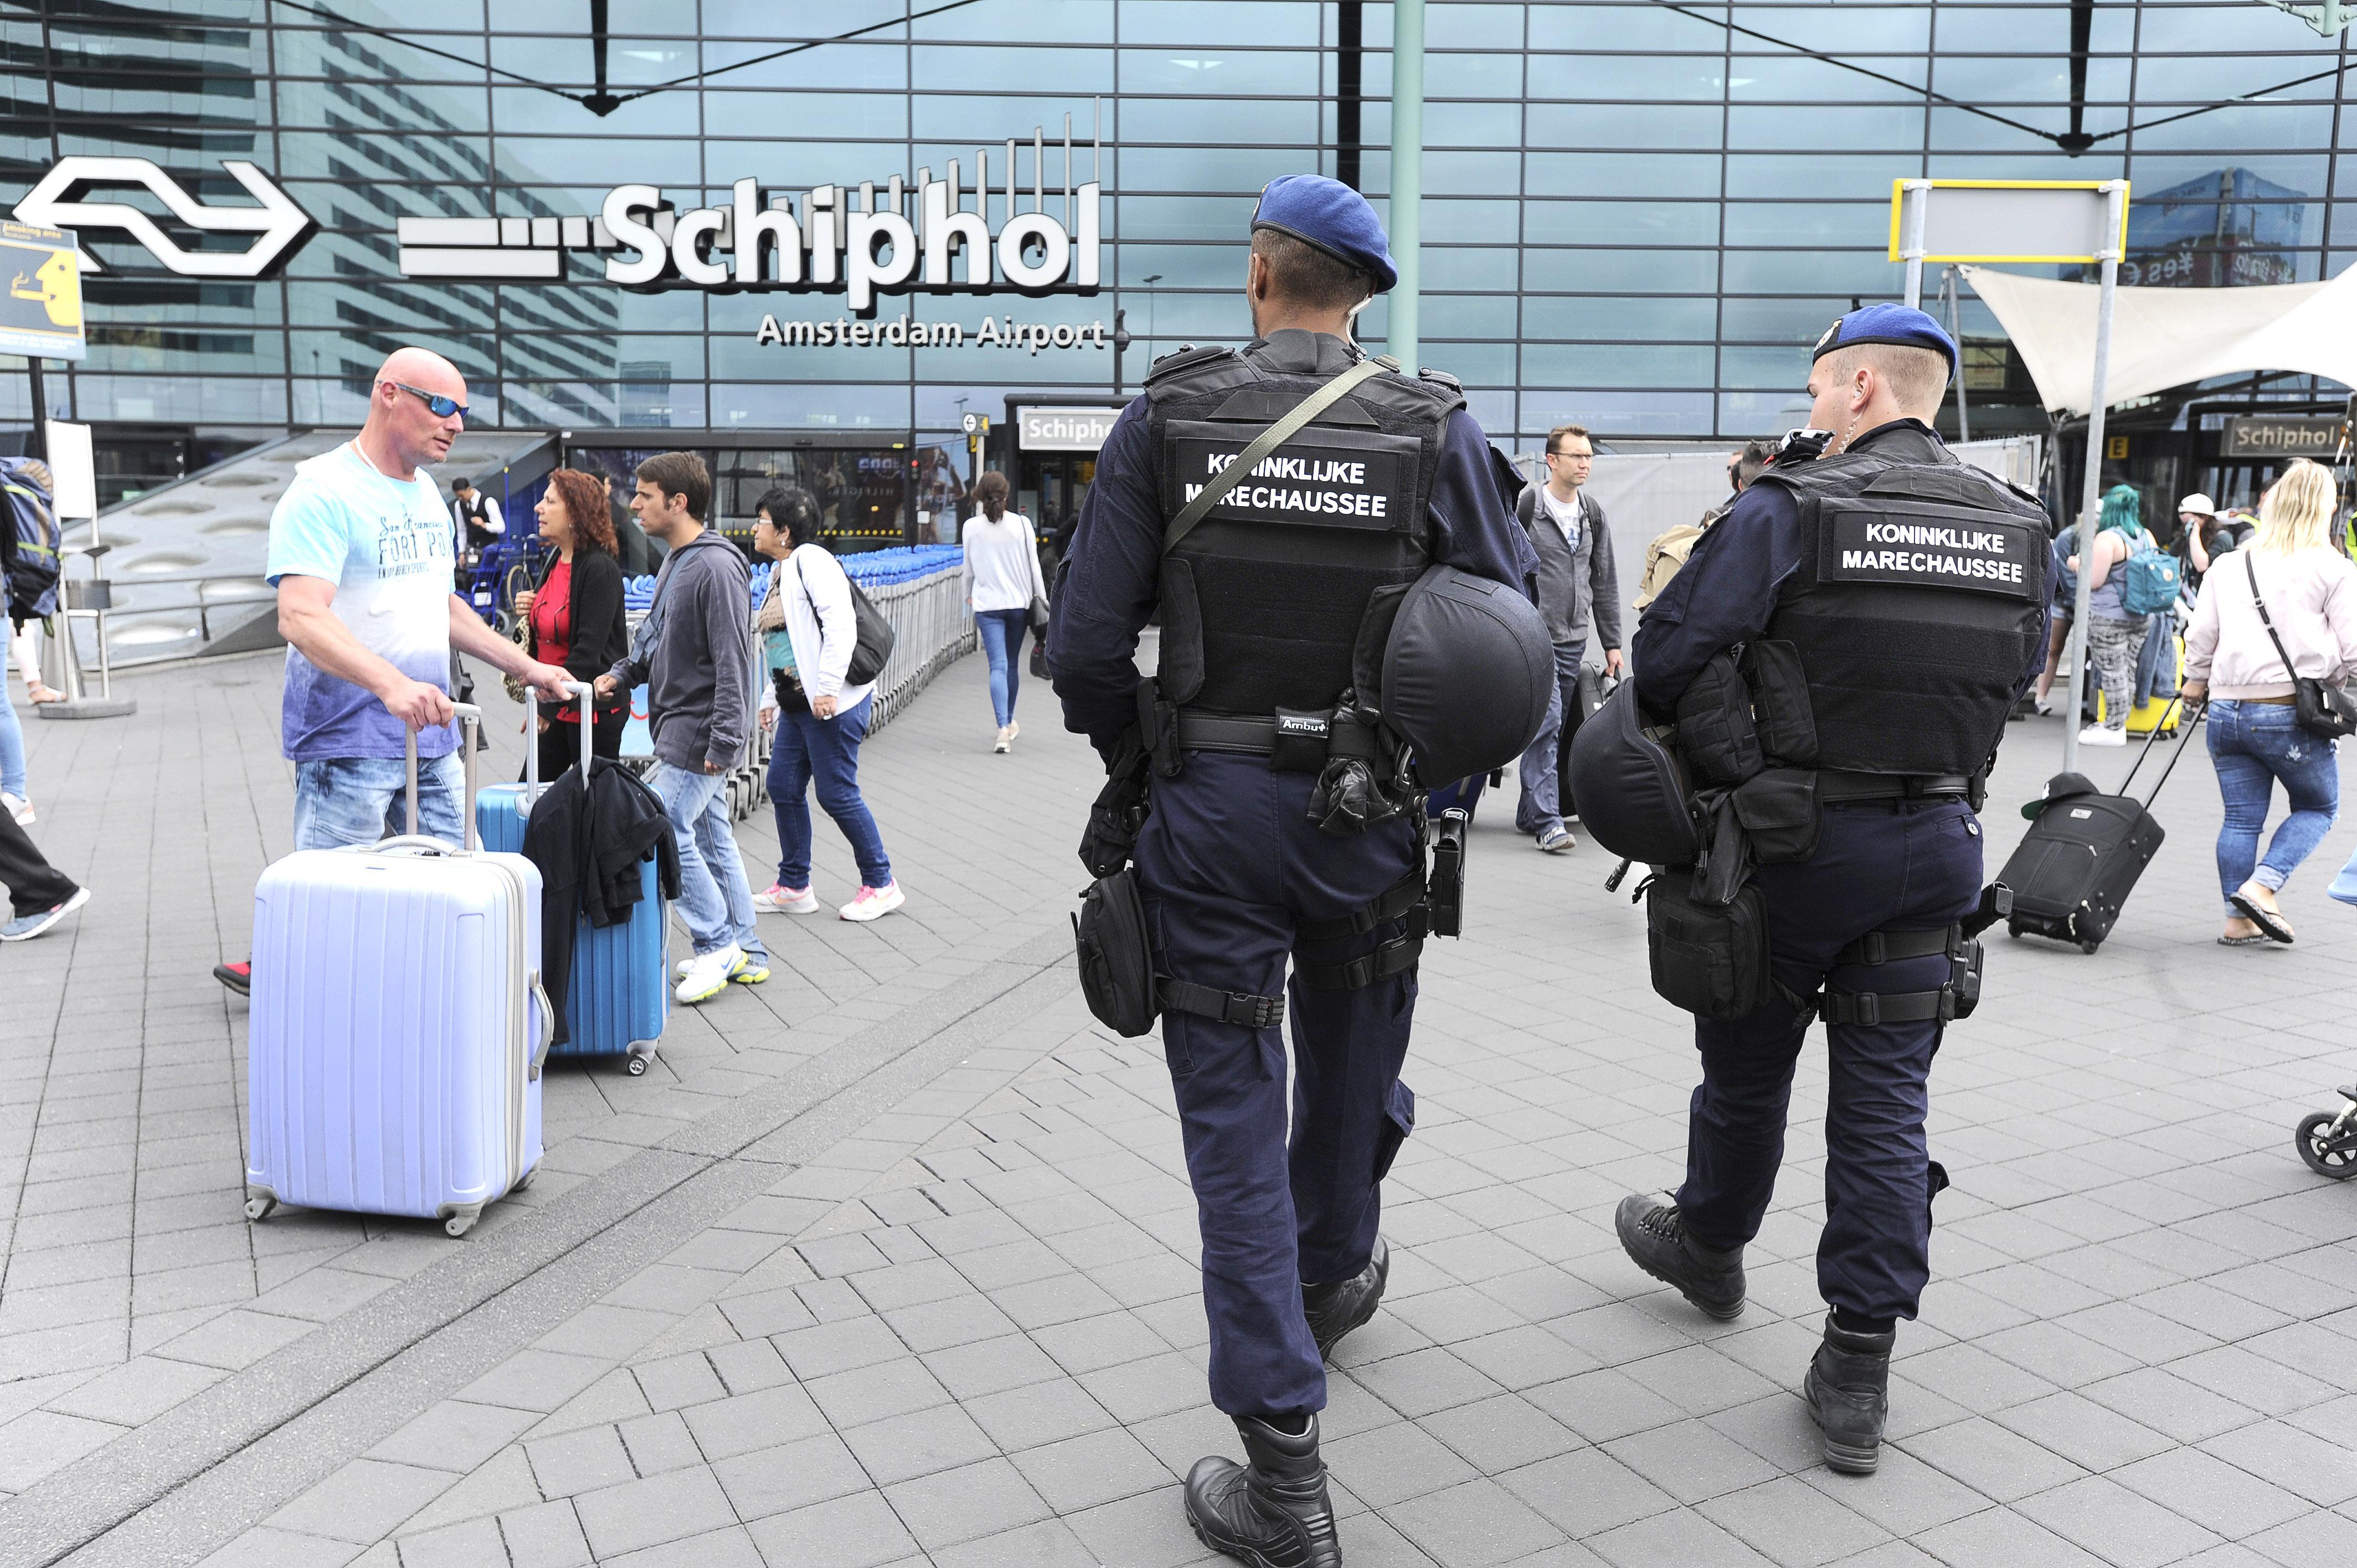 Marechaussee arresteert drie verdachten van mensensmokkel van Schiphol naar Verenigd Koninkrijk